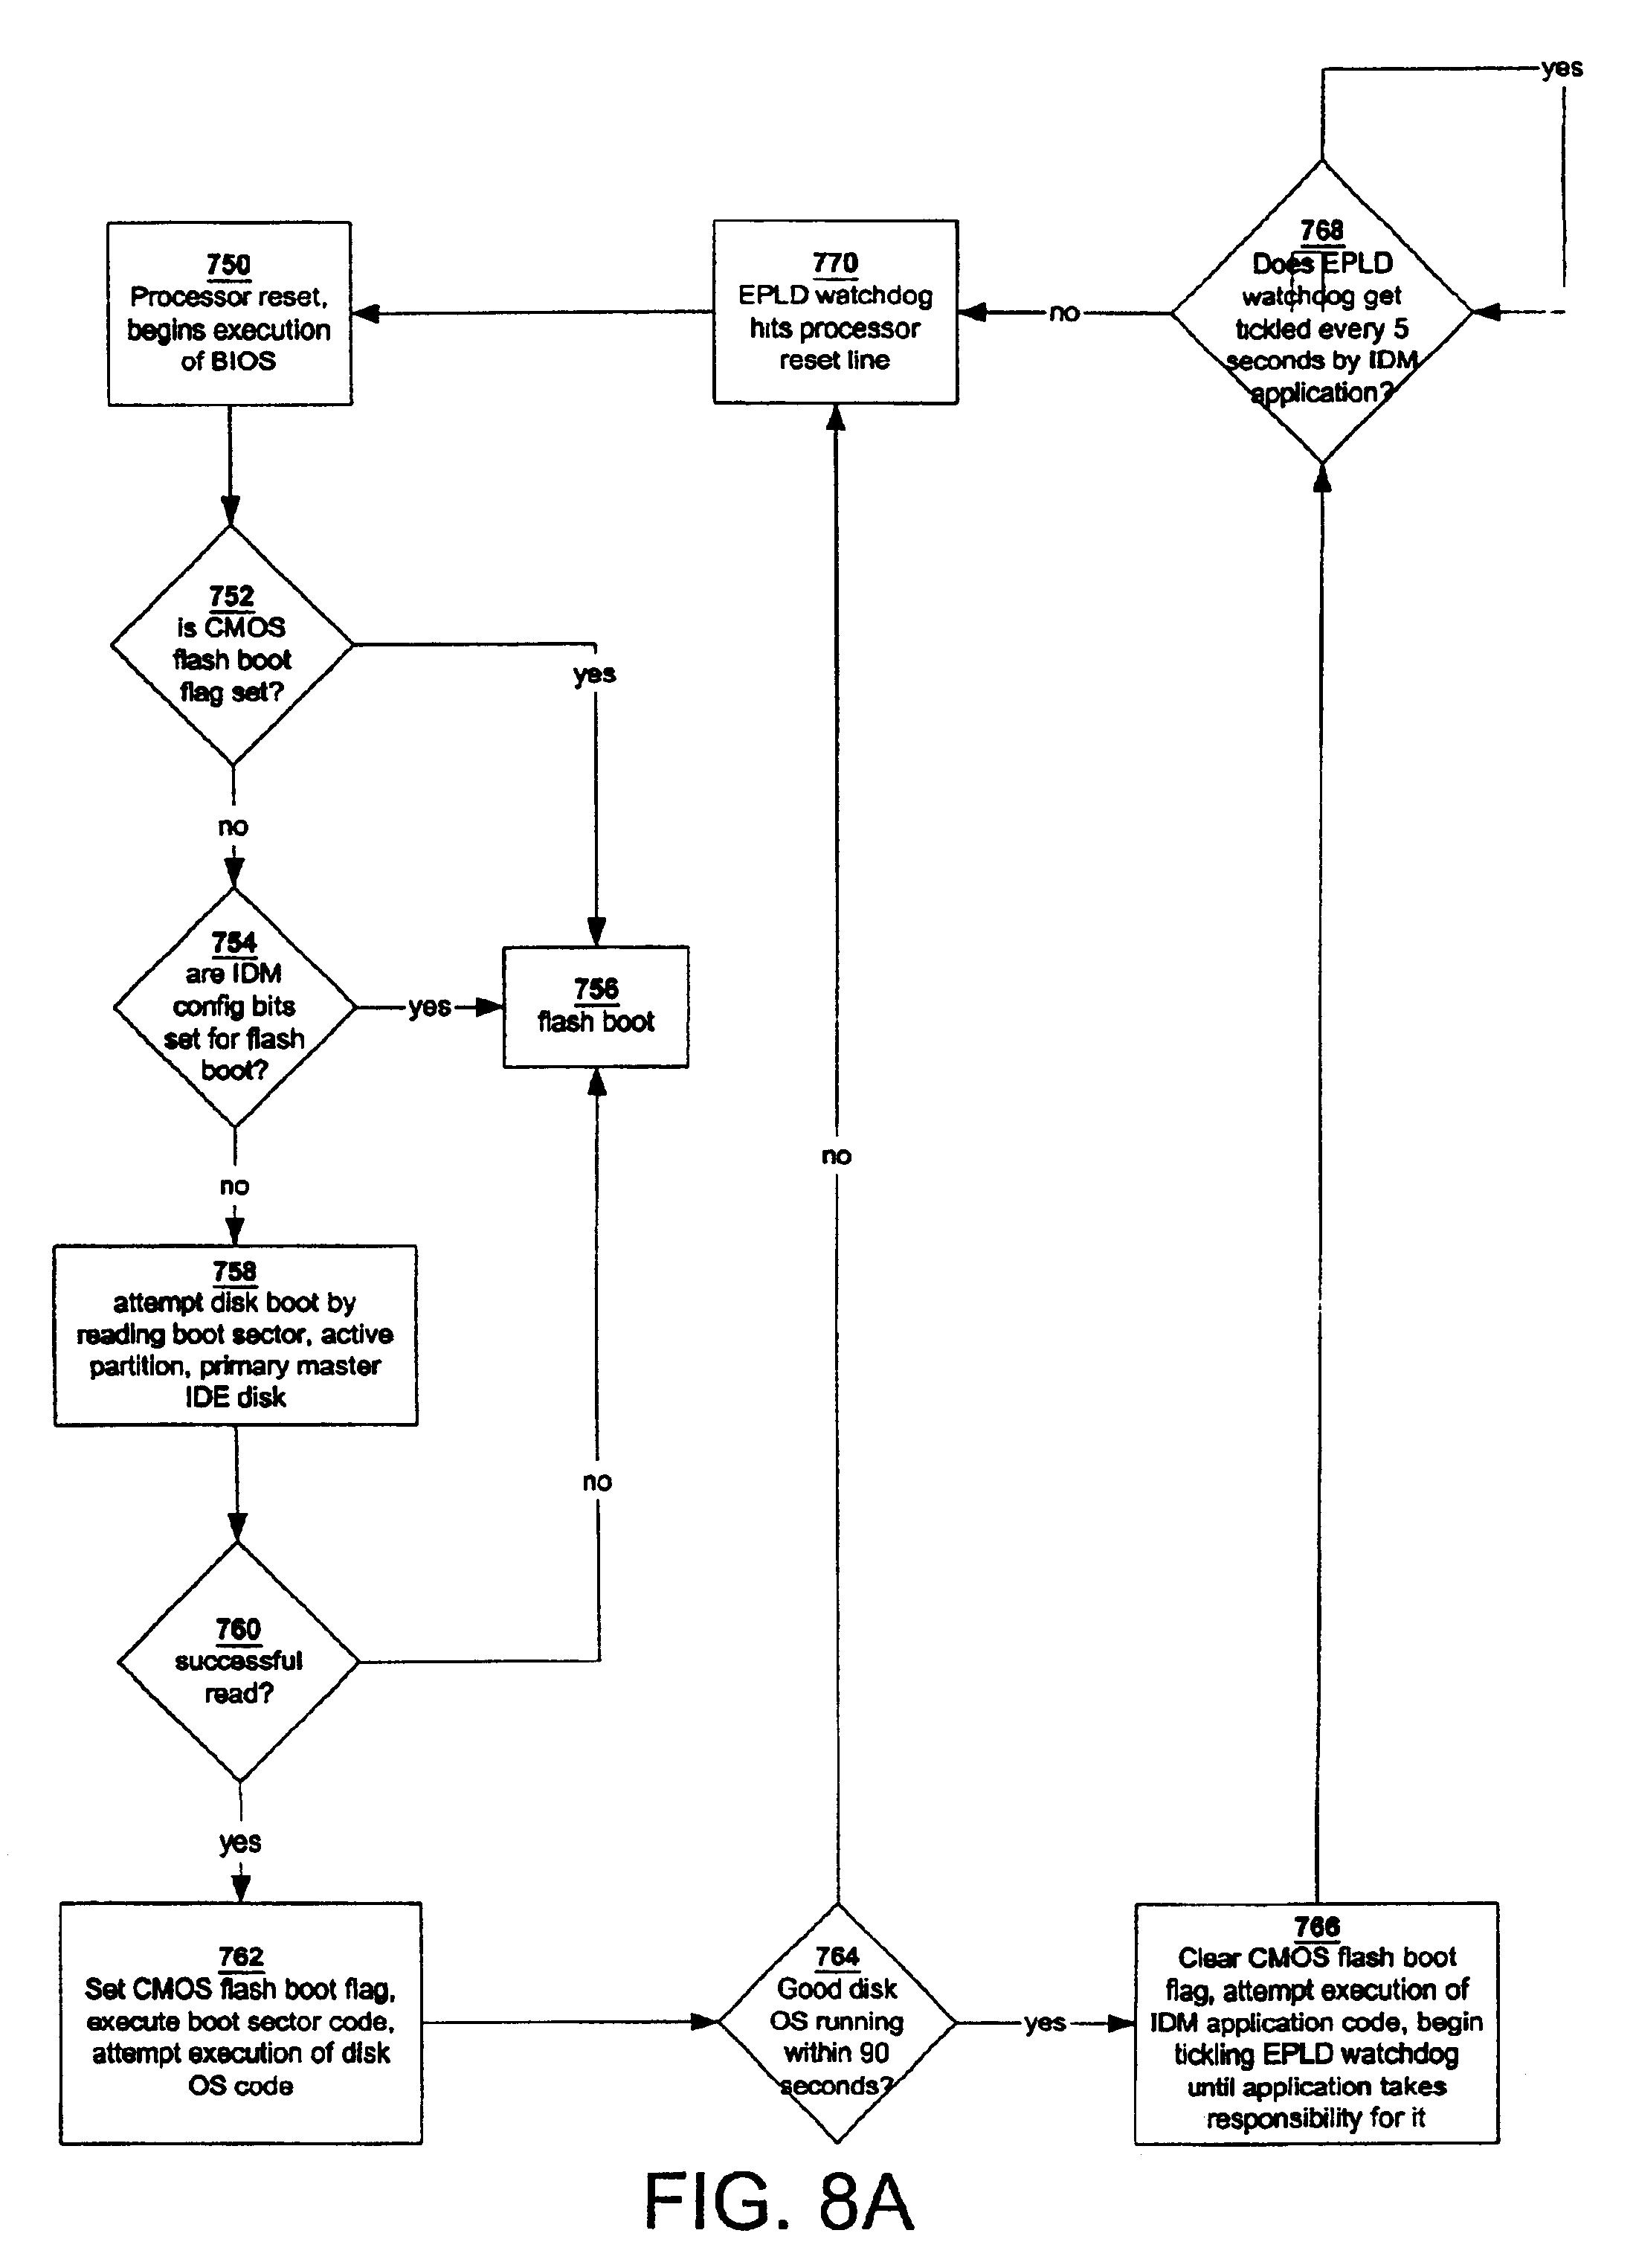 براءة الاختراع US6839792 - Data modem - براءات اختراع Google